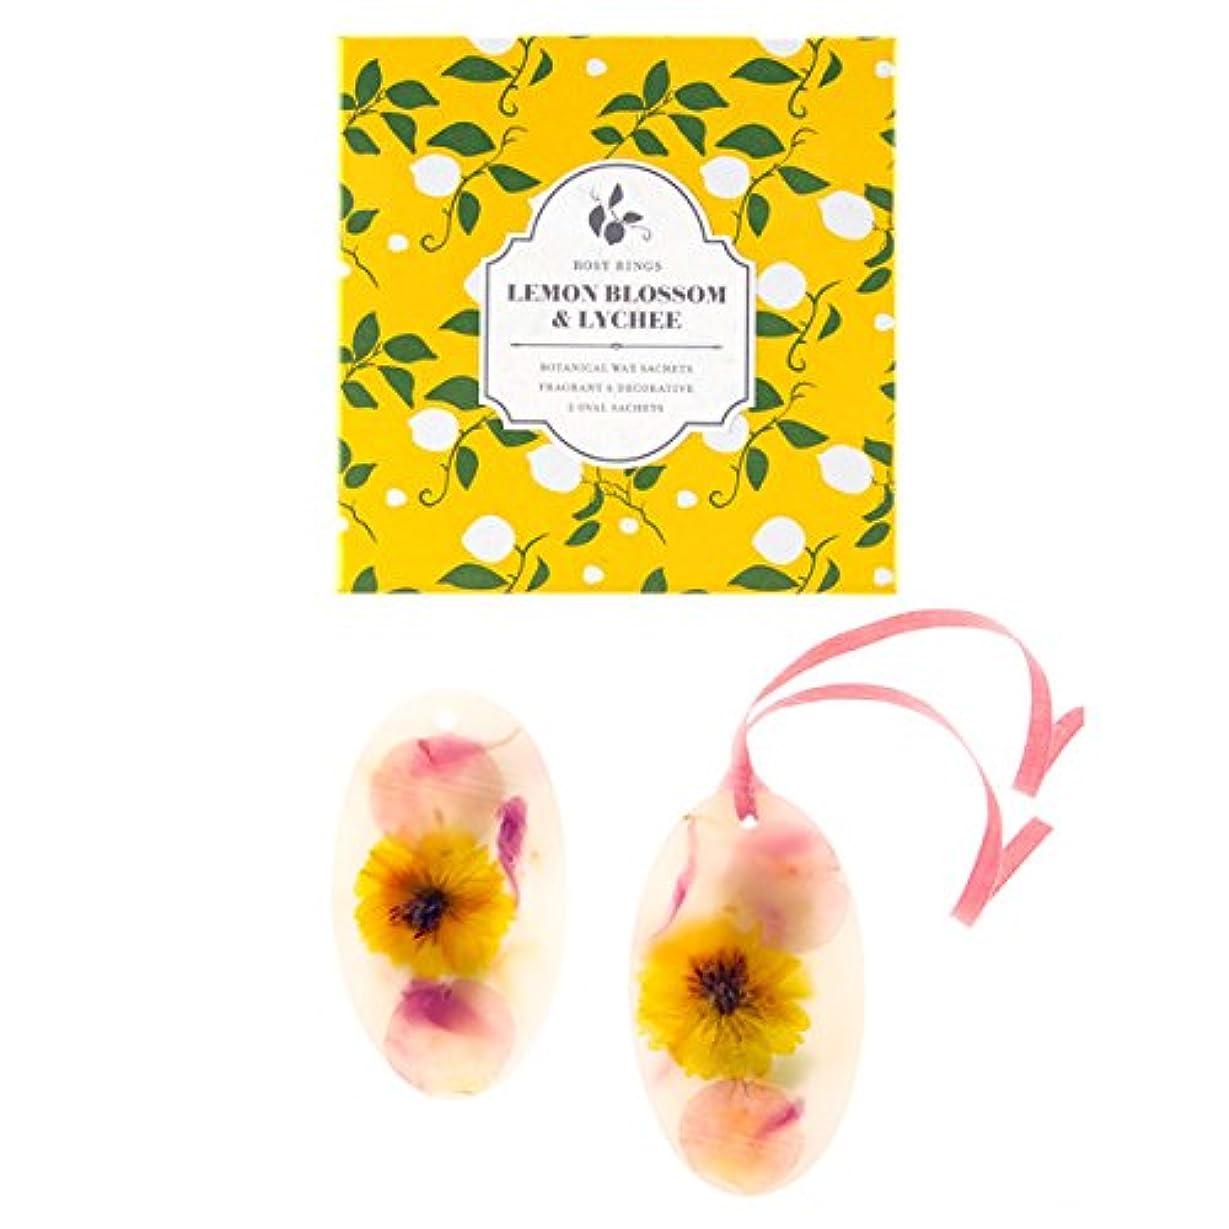 ラフ睡眠バージンマスタードロージーリングス ボタニカルワックスサシェ オーバル レモンブロッサム&ライチ ROSY RINGS Signature Collection Botanical Wax Sachets – Lemon Blossom...